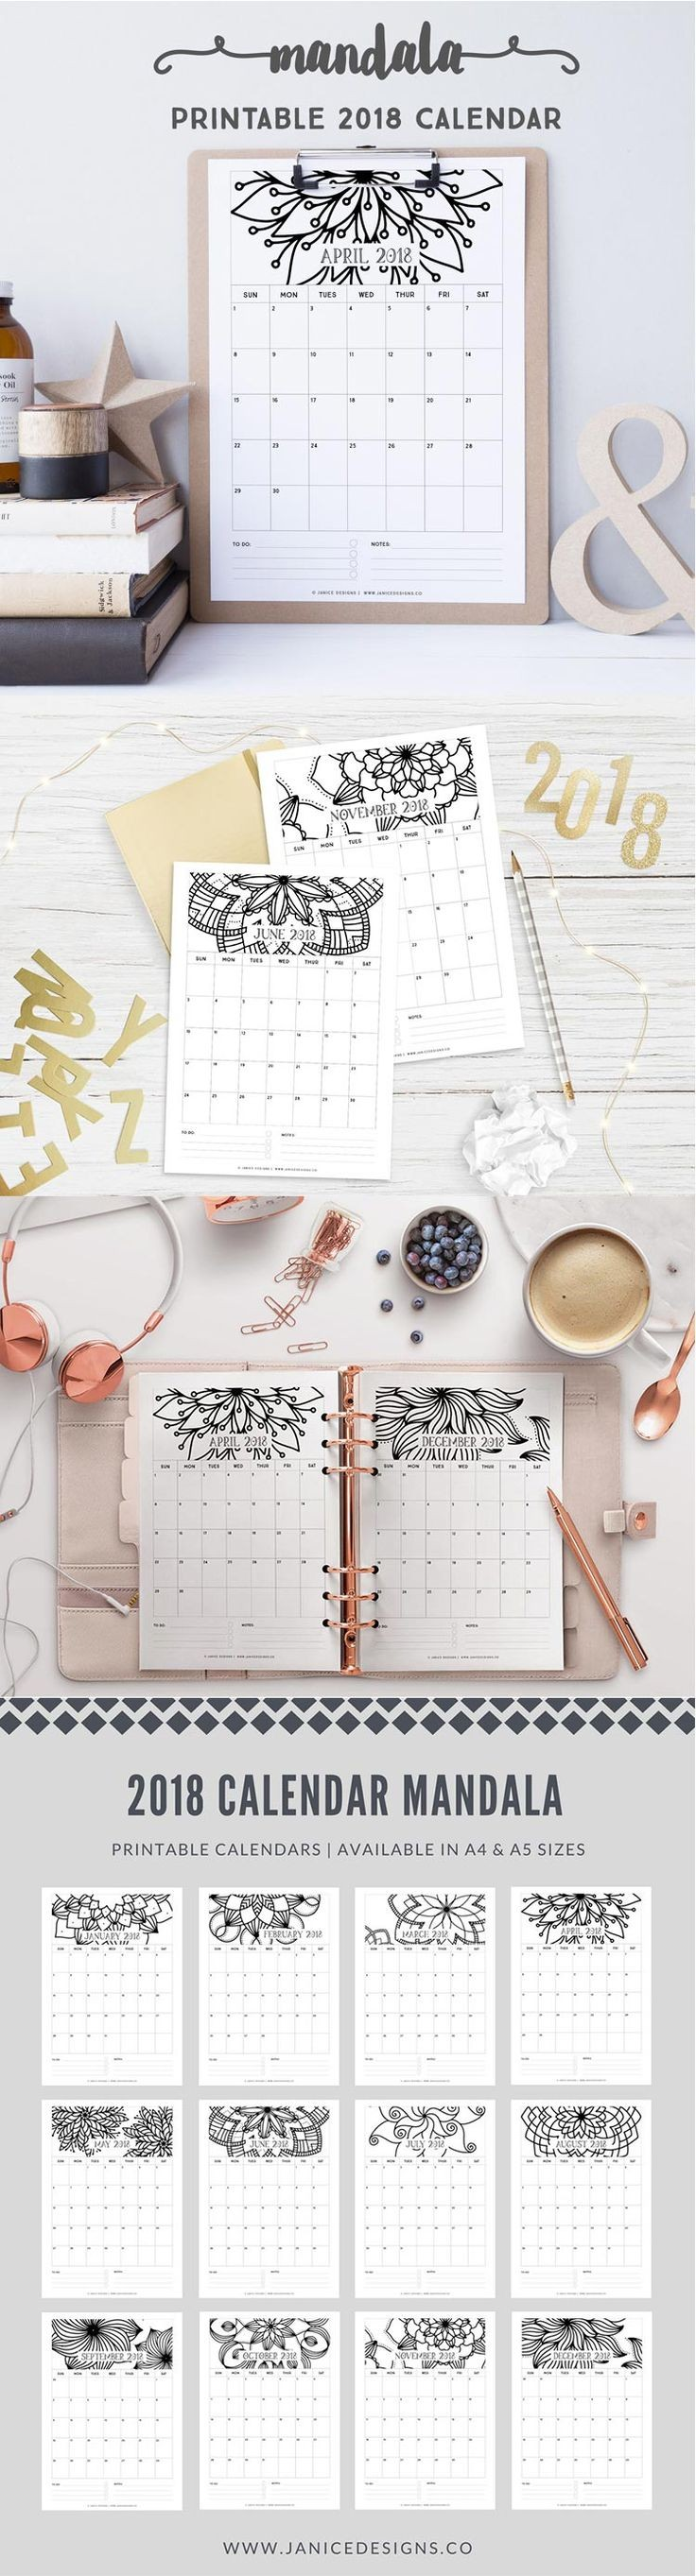 2018 Calendar Mandala